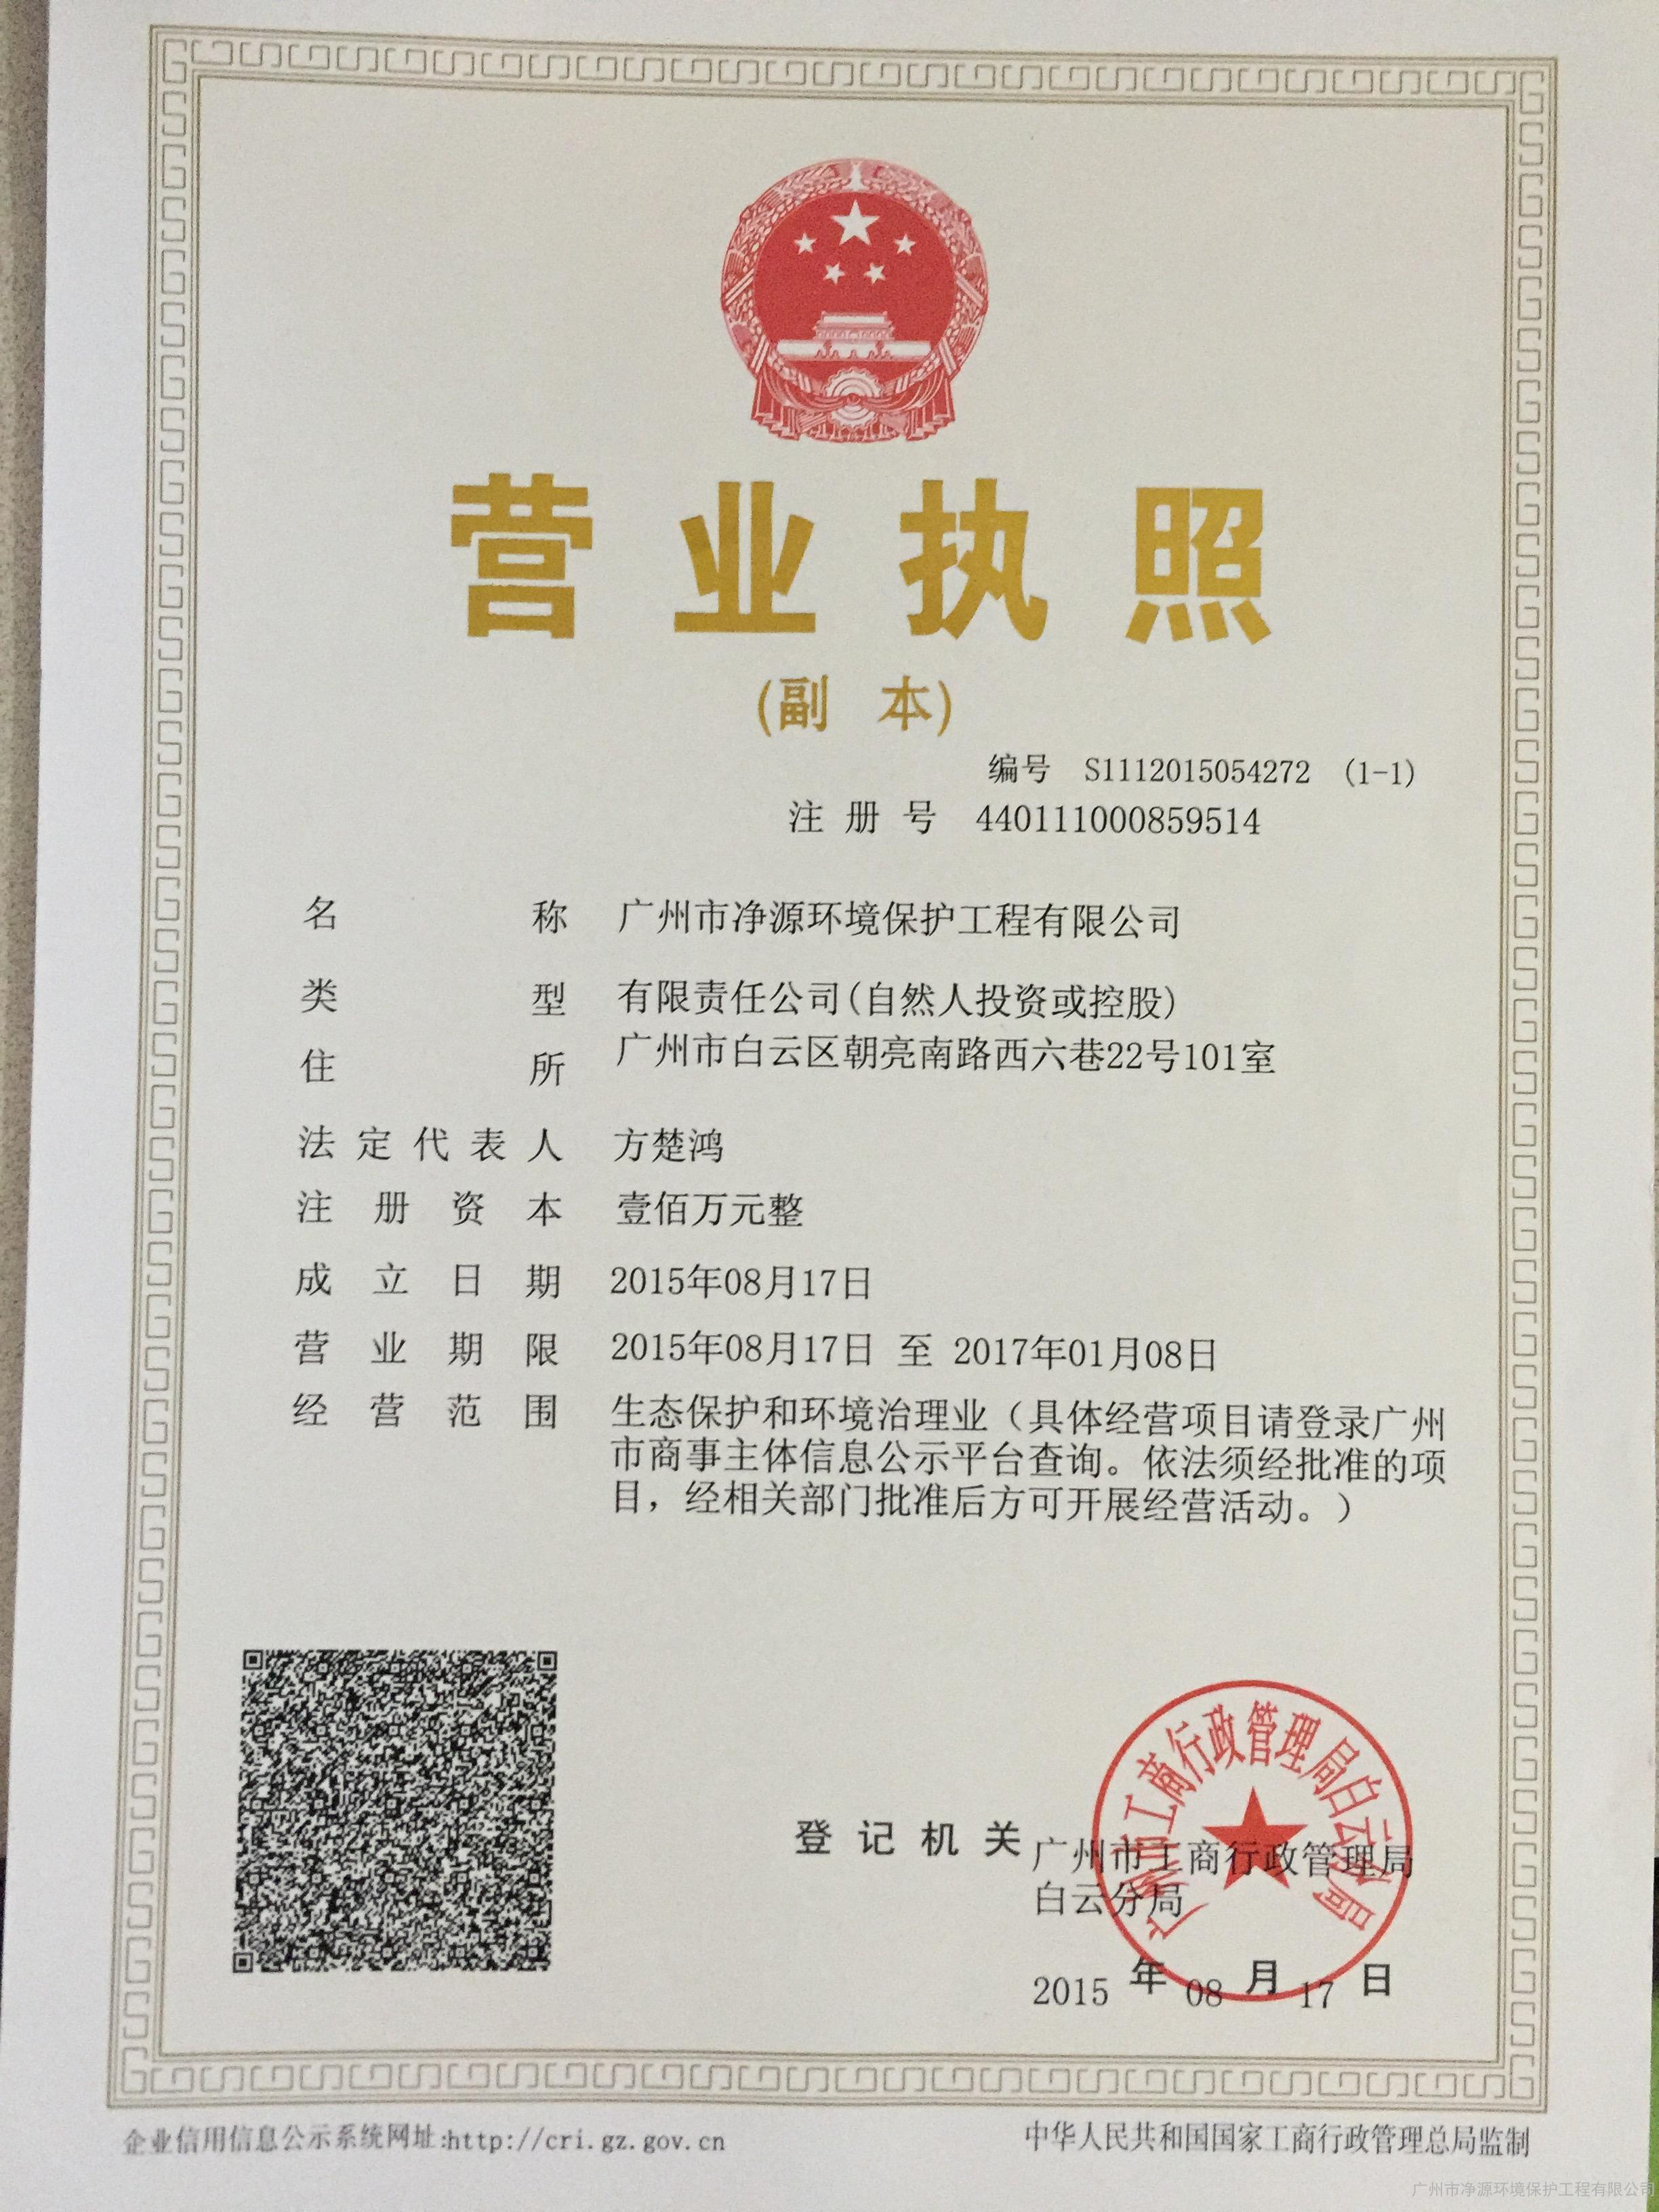 广州市净源环境保护工程有限公司